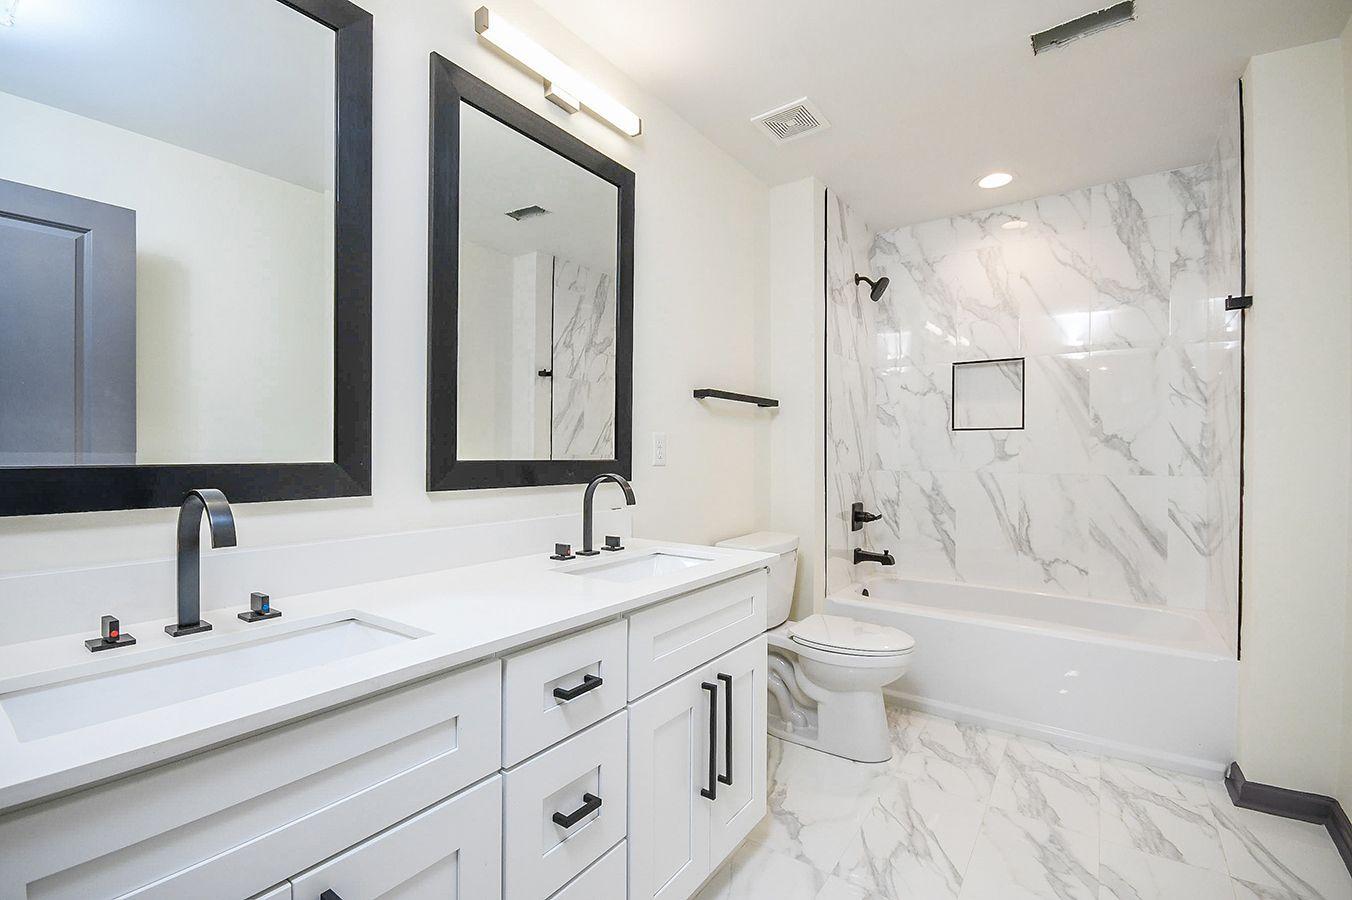 Upper_Level_Full_Bathroom.jpg